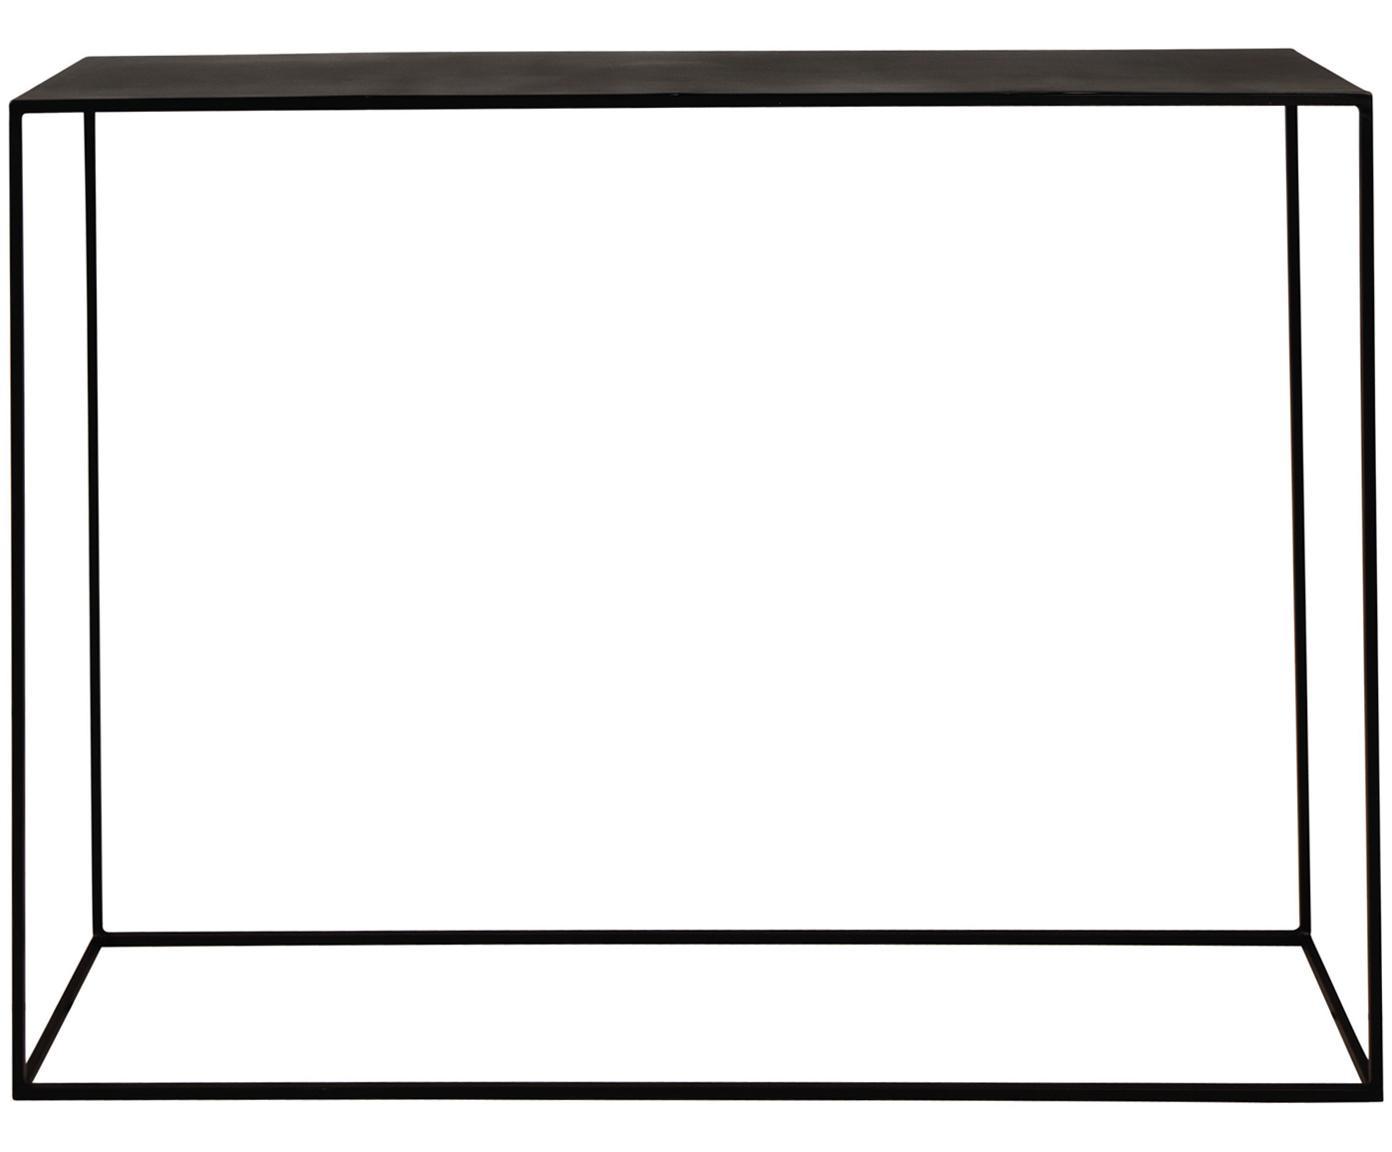 Konsola z metalu Expo, Metal malowany proszkowo, Czarny, S 110 x G 25 cm